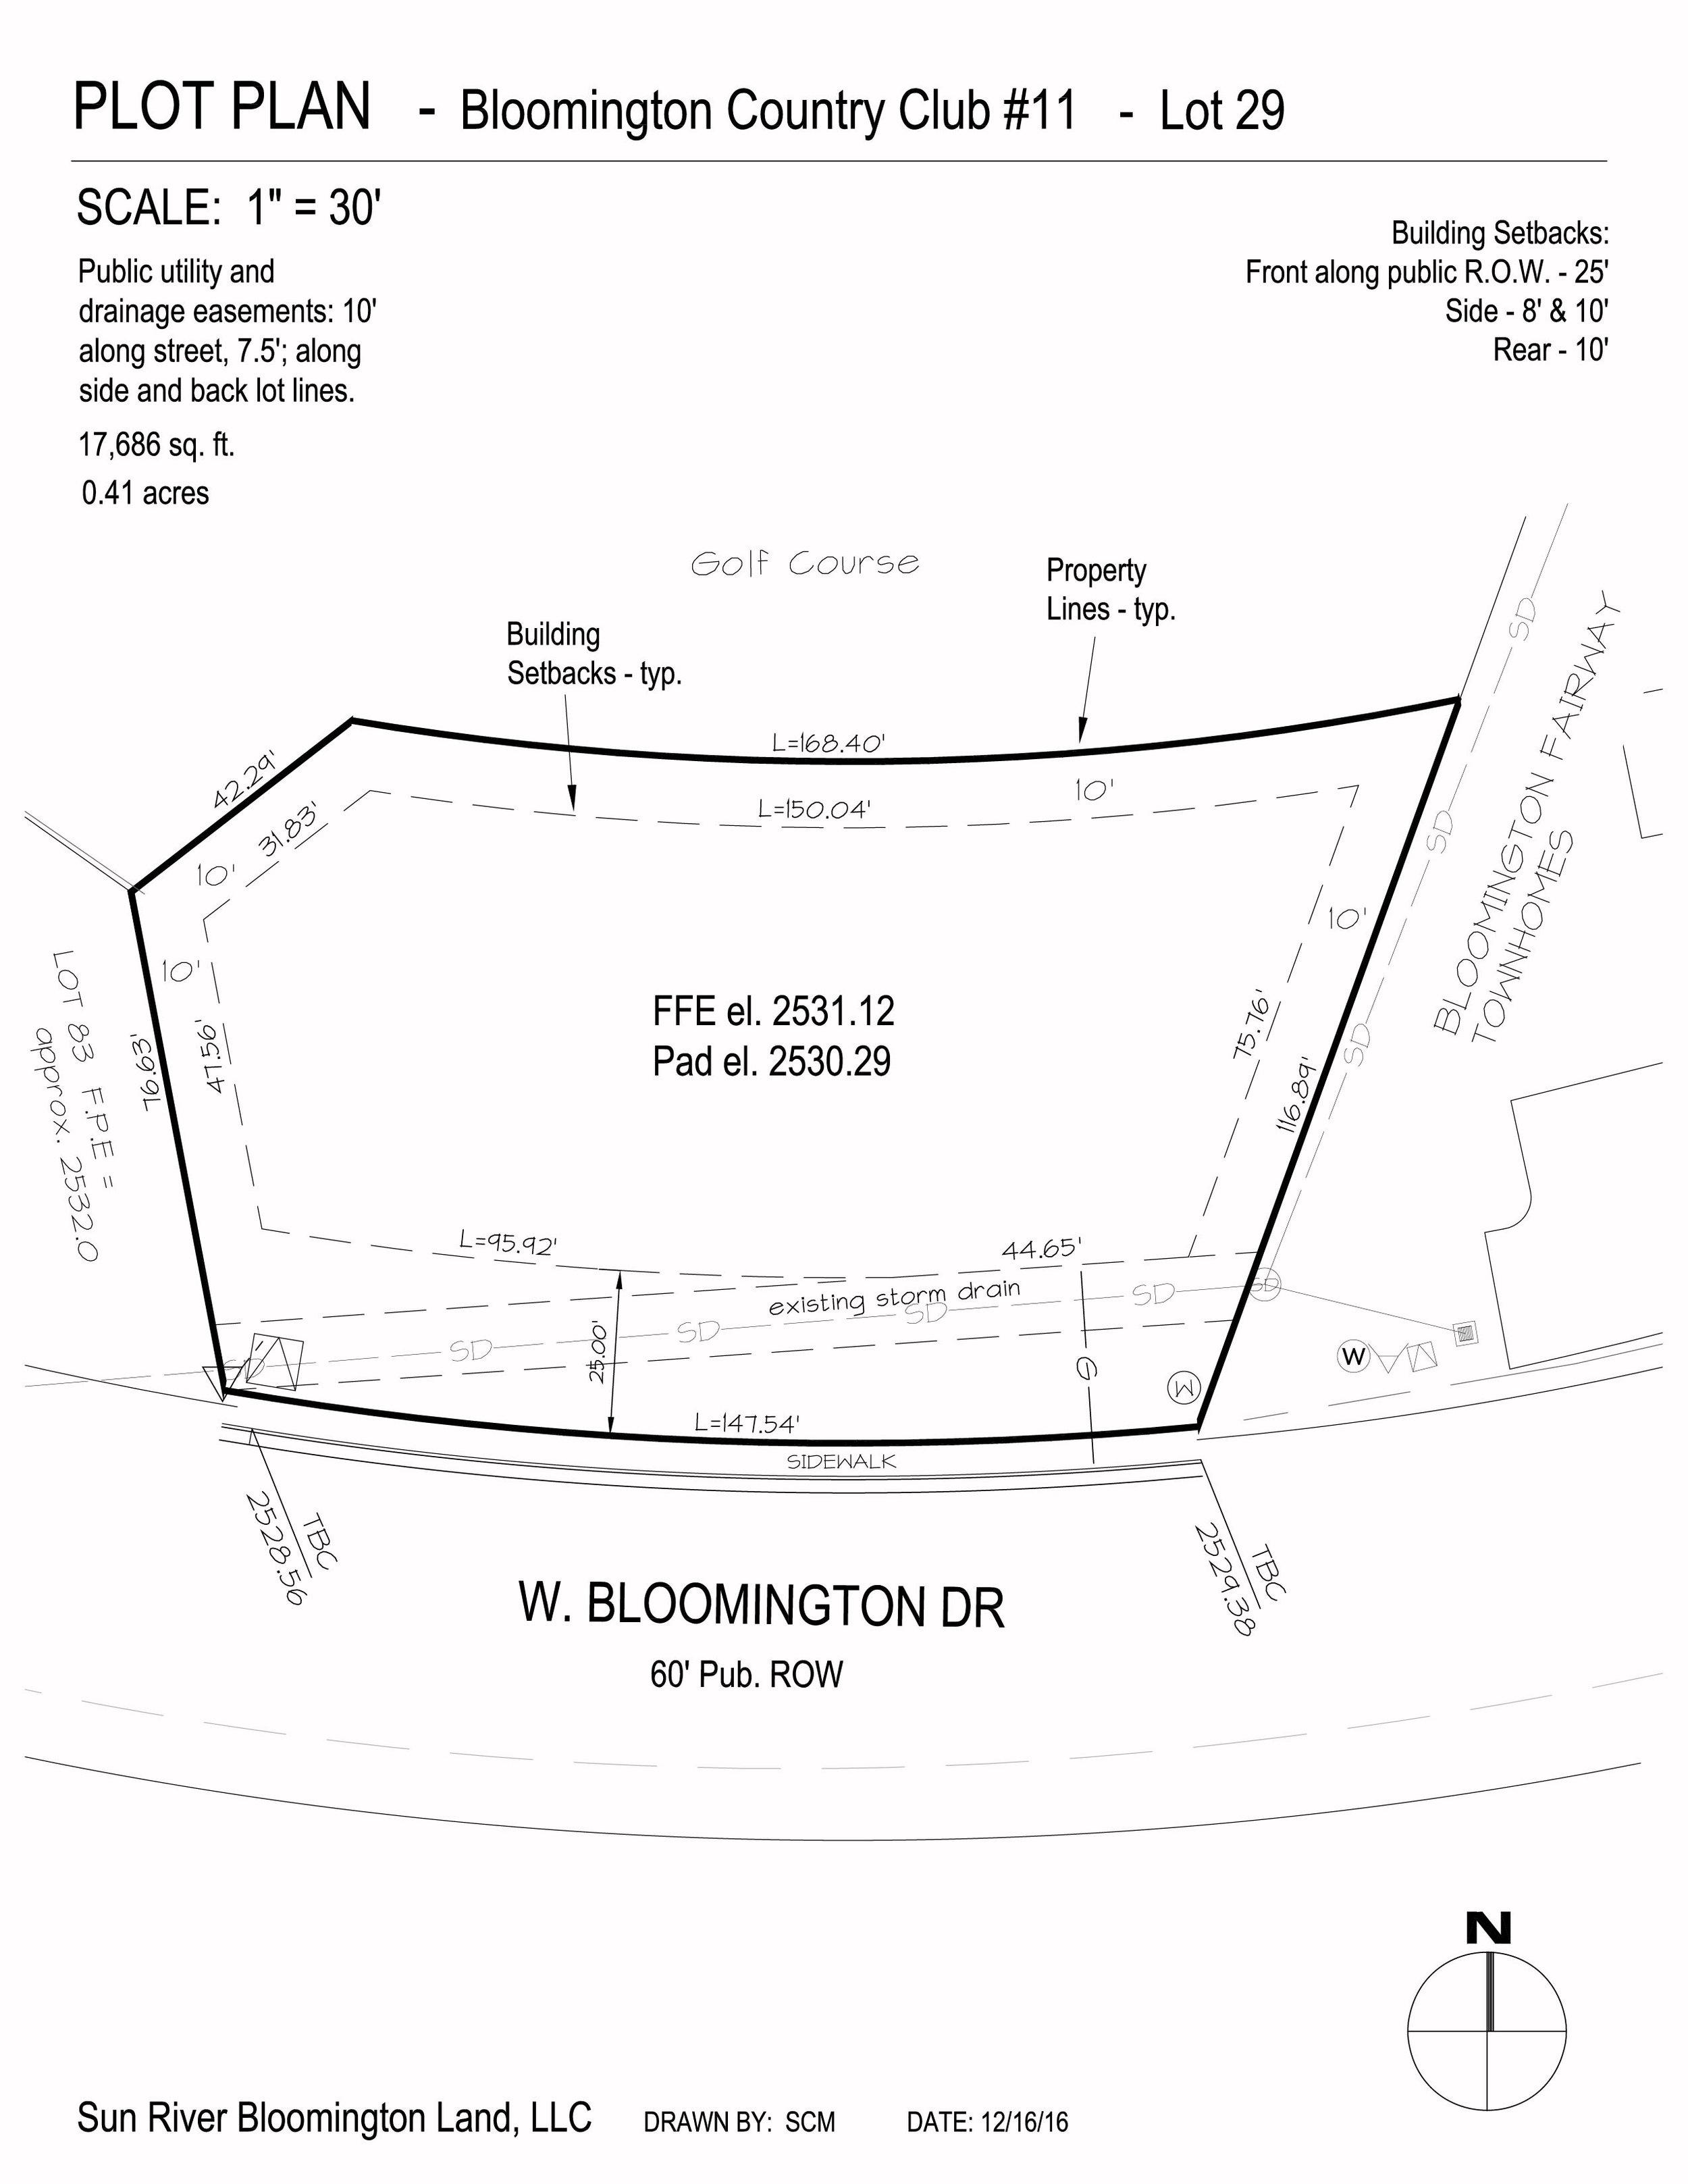 hamblin plot plans-22.jpg